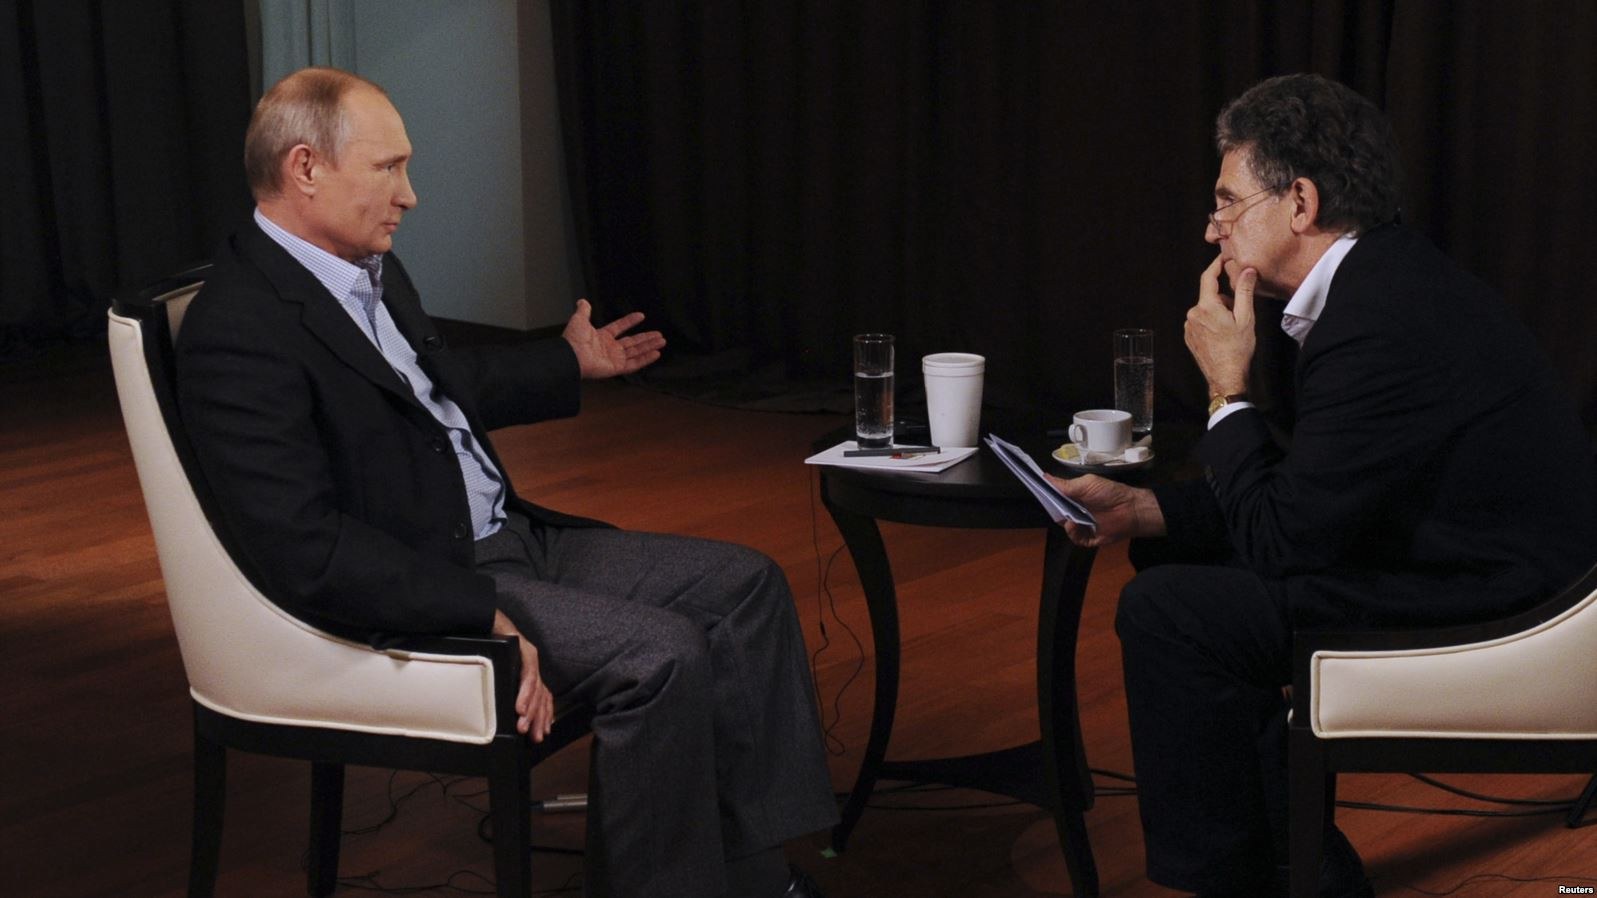 Vladimir Putin: Những khoảnh khắc cô đơn của người đàn ông thép-11